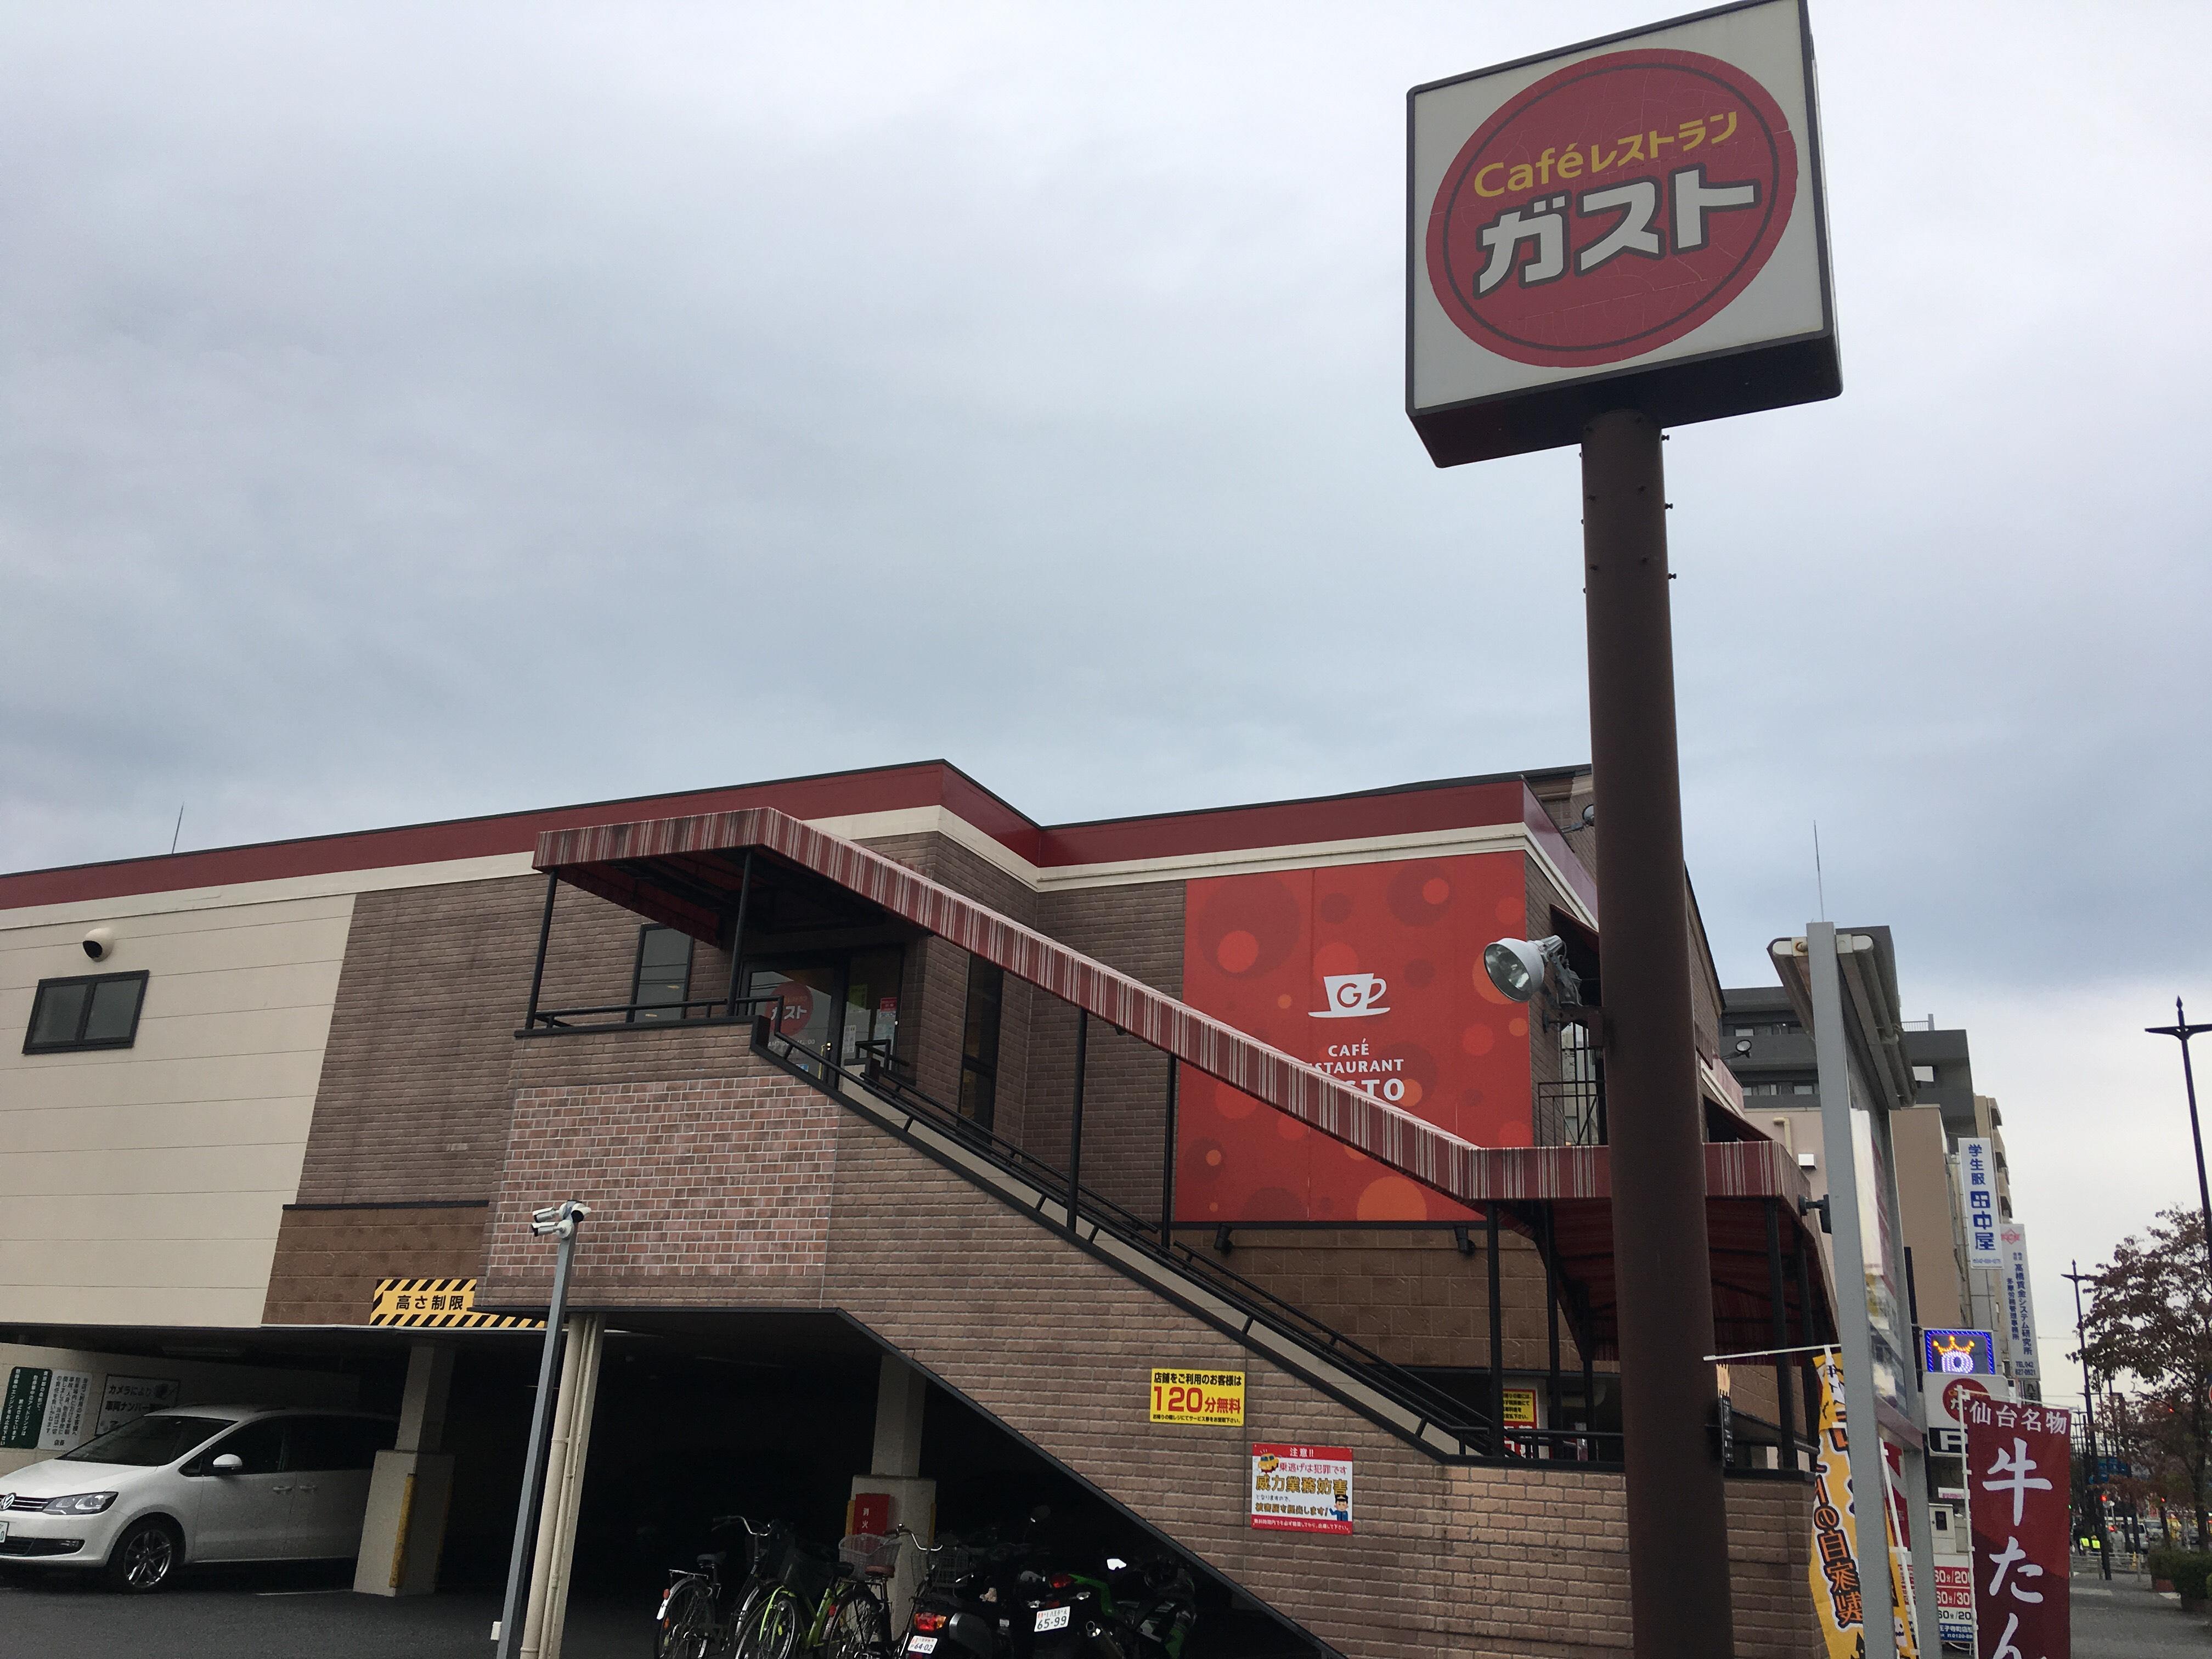 月極 駐 車場 どっとこむ 月極 駐 車場 どっとこむ - takeoutcab.co.jp